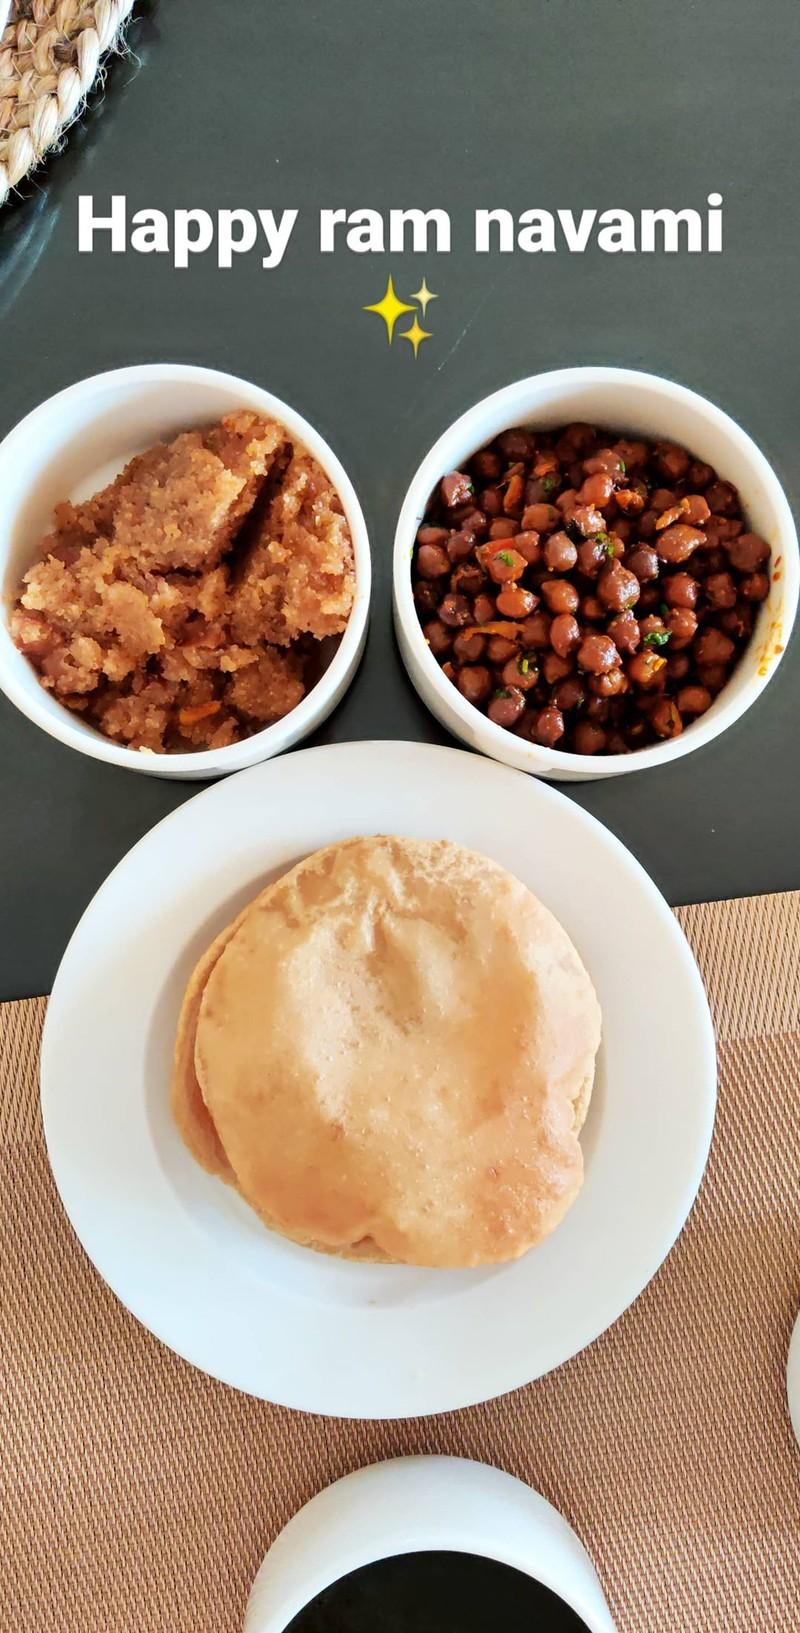 anushka lunch